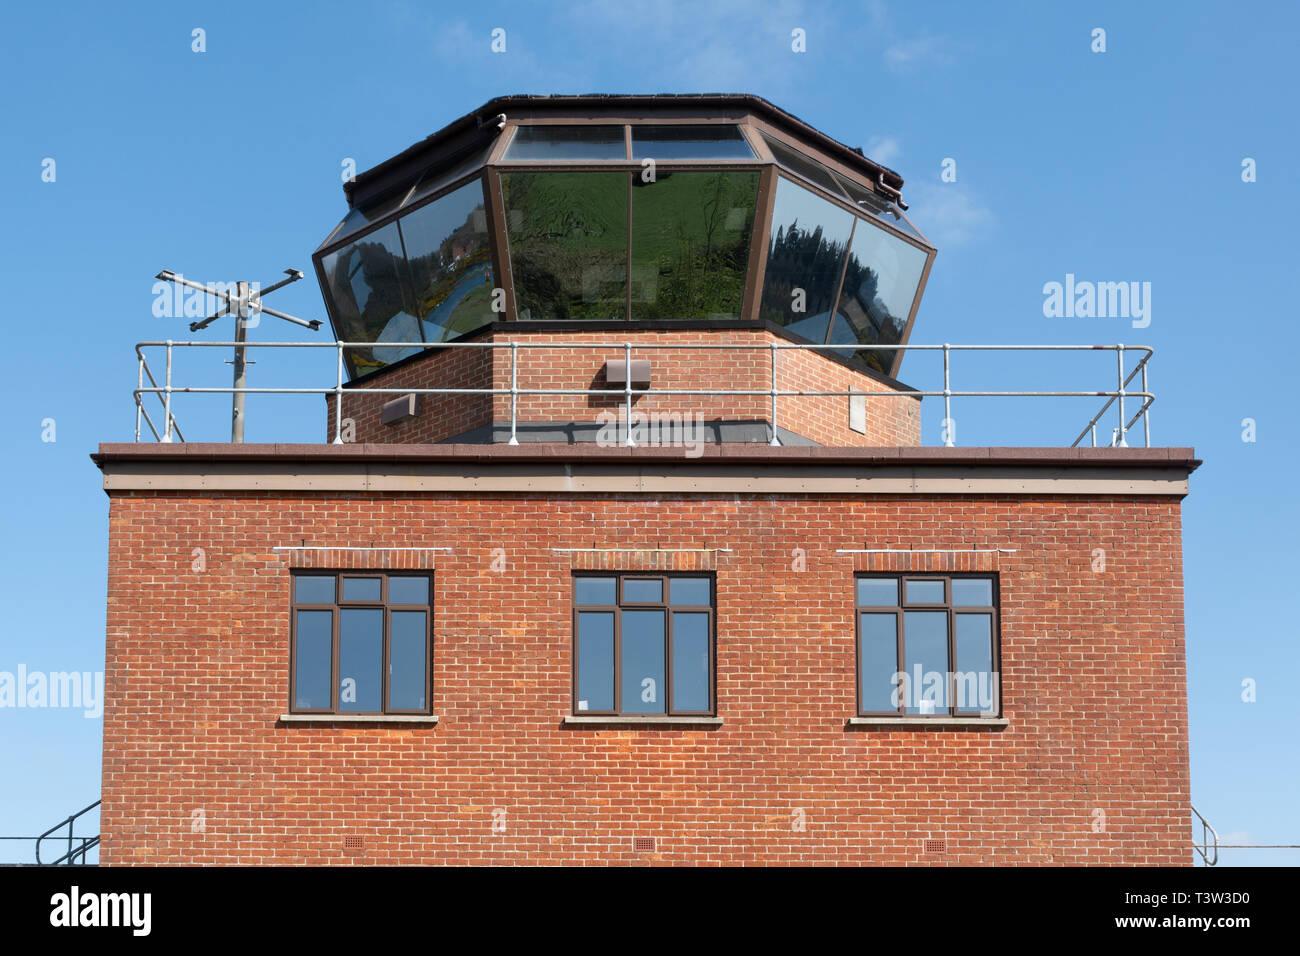 La torre di controllo e la piattaforma di osservazione a Greenham Common vicino a Newbury, Berkshire, Regno Unito, recentemente aperto al pubblico. Immagini Stock